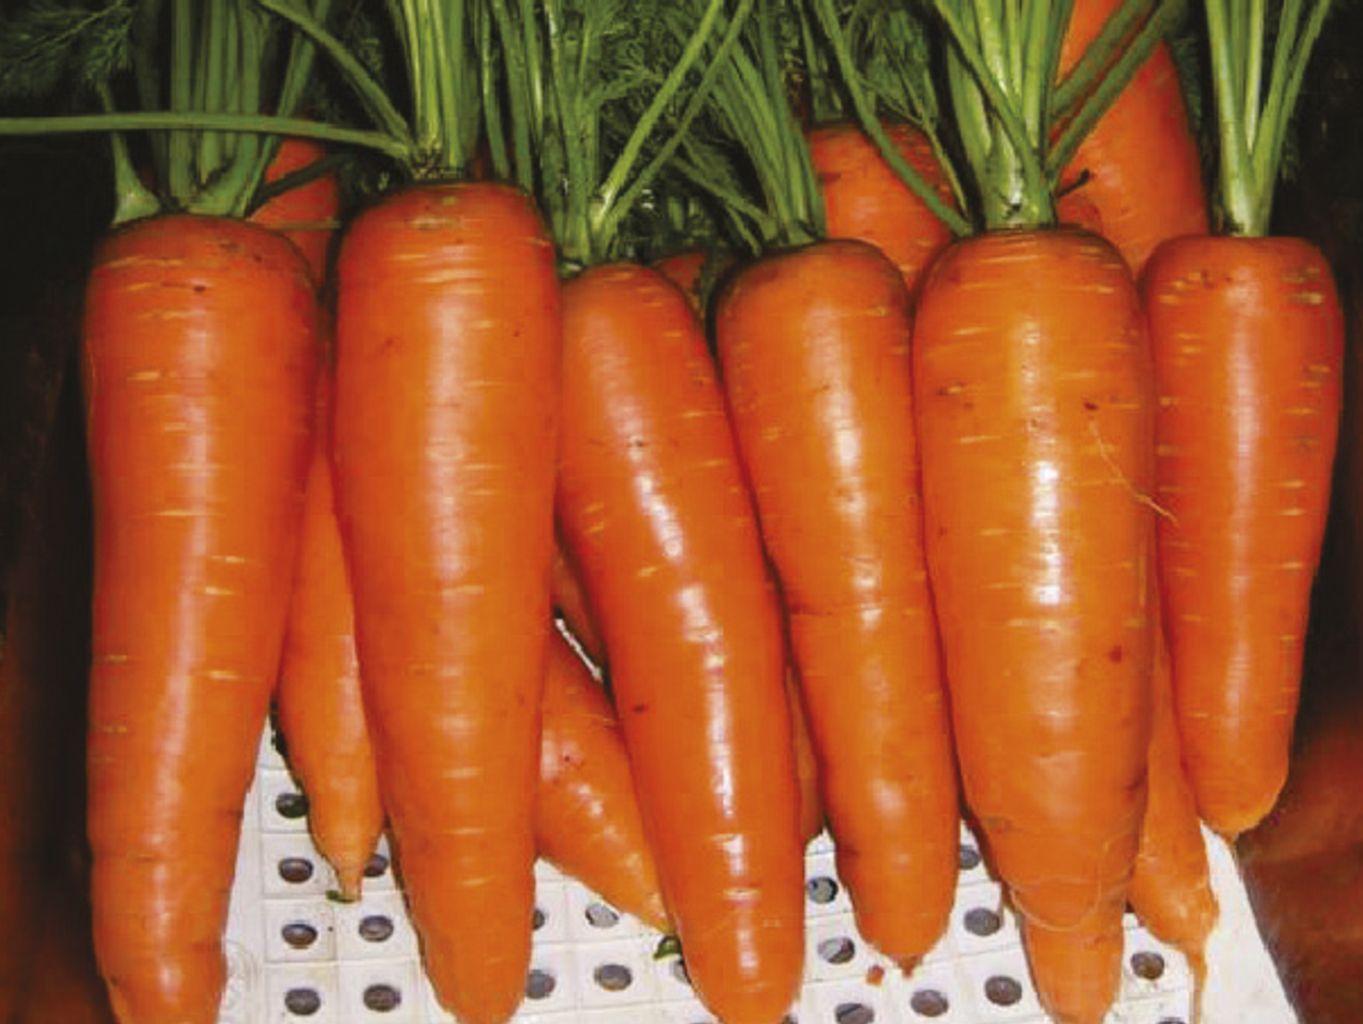 Zanahoria Miraflores F1 Agroactivo Conoce los increíbles beneficios de la zanahoria, sus propiedades saludables, contraindicaciones y más ¡sal de dudas rápidamente! zanahoria miraflores f1 agroactivo